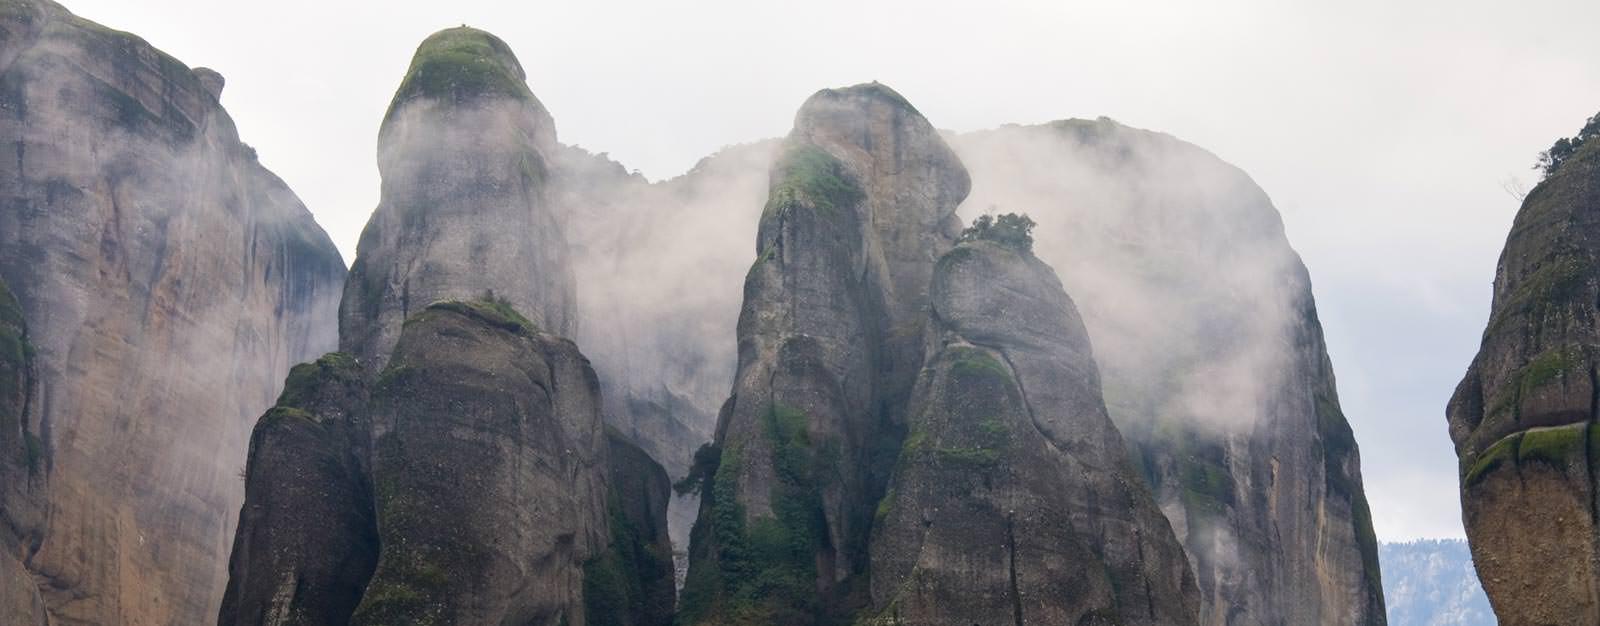 טיול ג'יפים ביוון ההררית